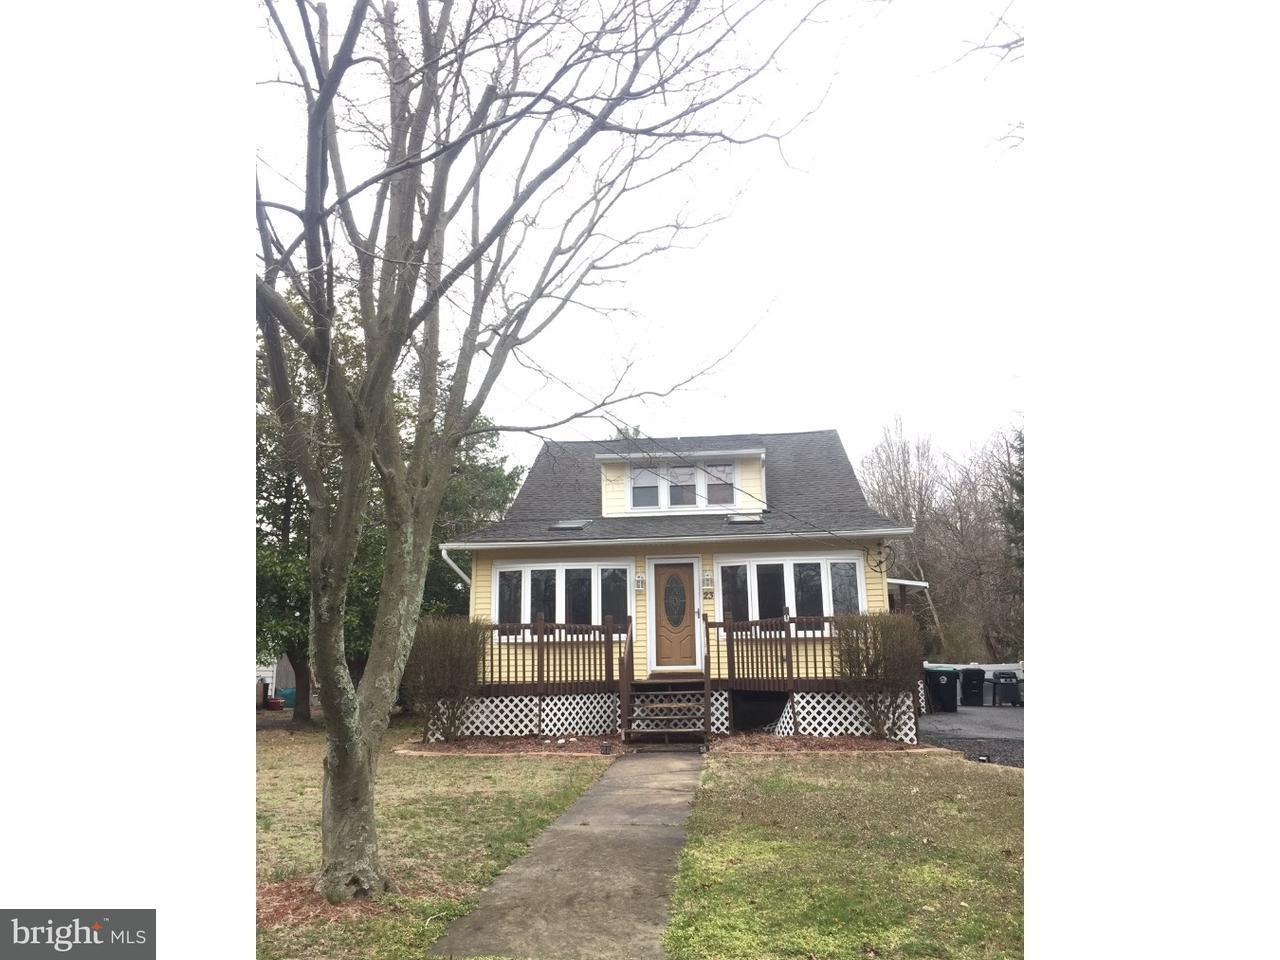 Einfamilienhaus für Verkauf beim 23 S CEDAR BROOK Road Cedar Brook, New Jersey 08081 Vereinigte Staaten